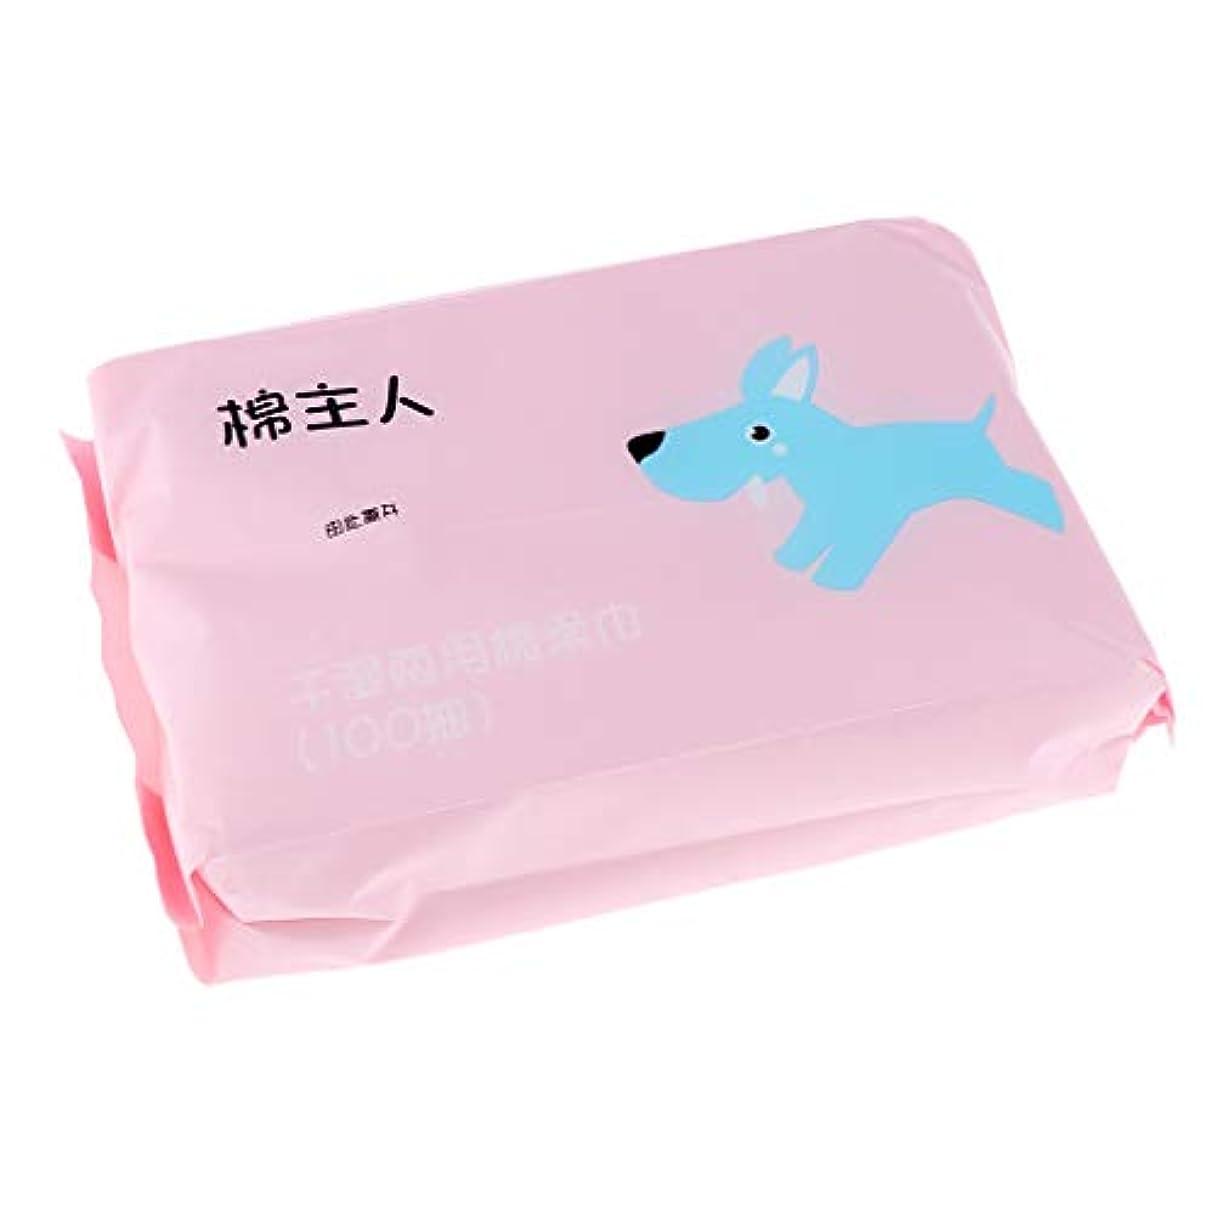 一人で傾くバレル約100枚 使い捨て クレンジングシート ソフト 2色選べ - ピンク